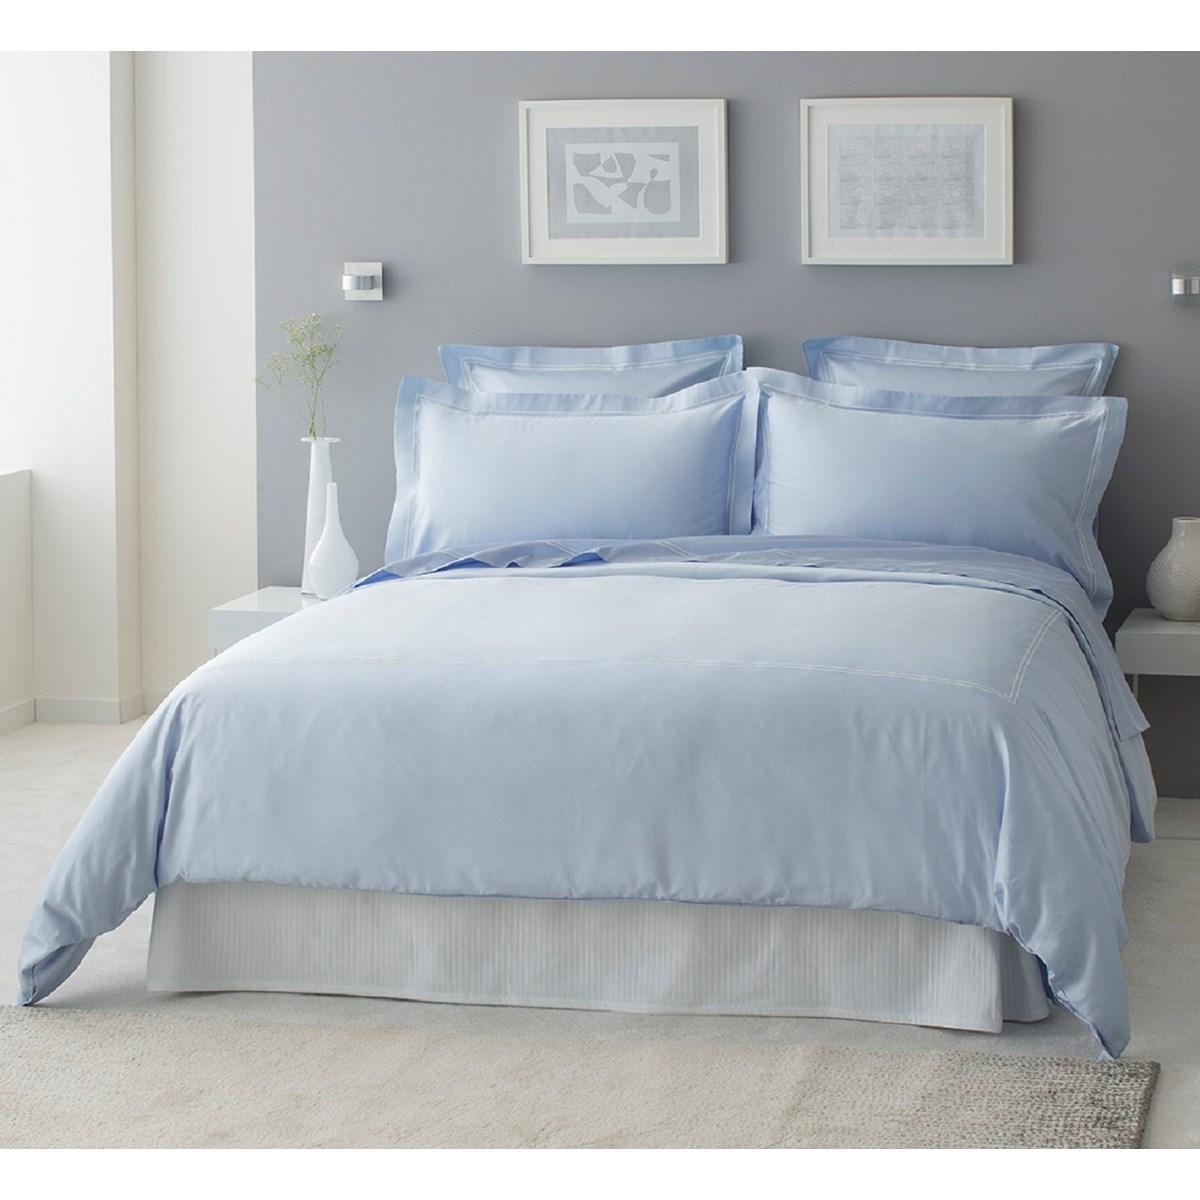 Drap plat luxe en Satin de coton Bleu ciel 270x310 cm